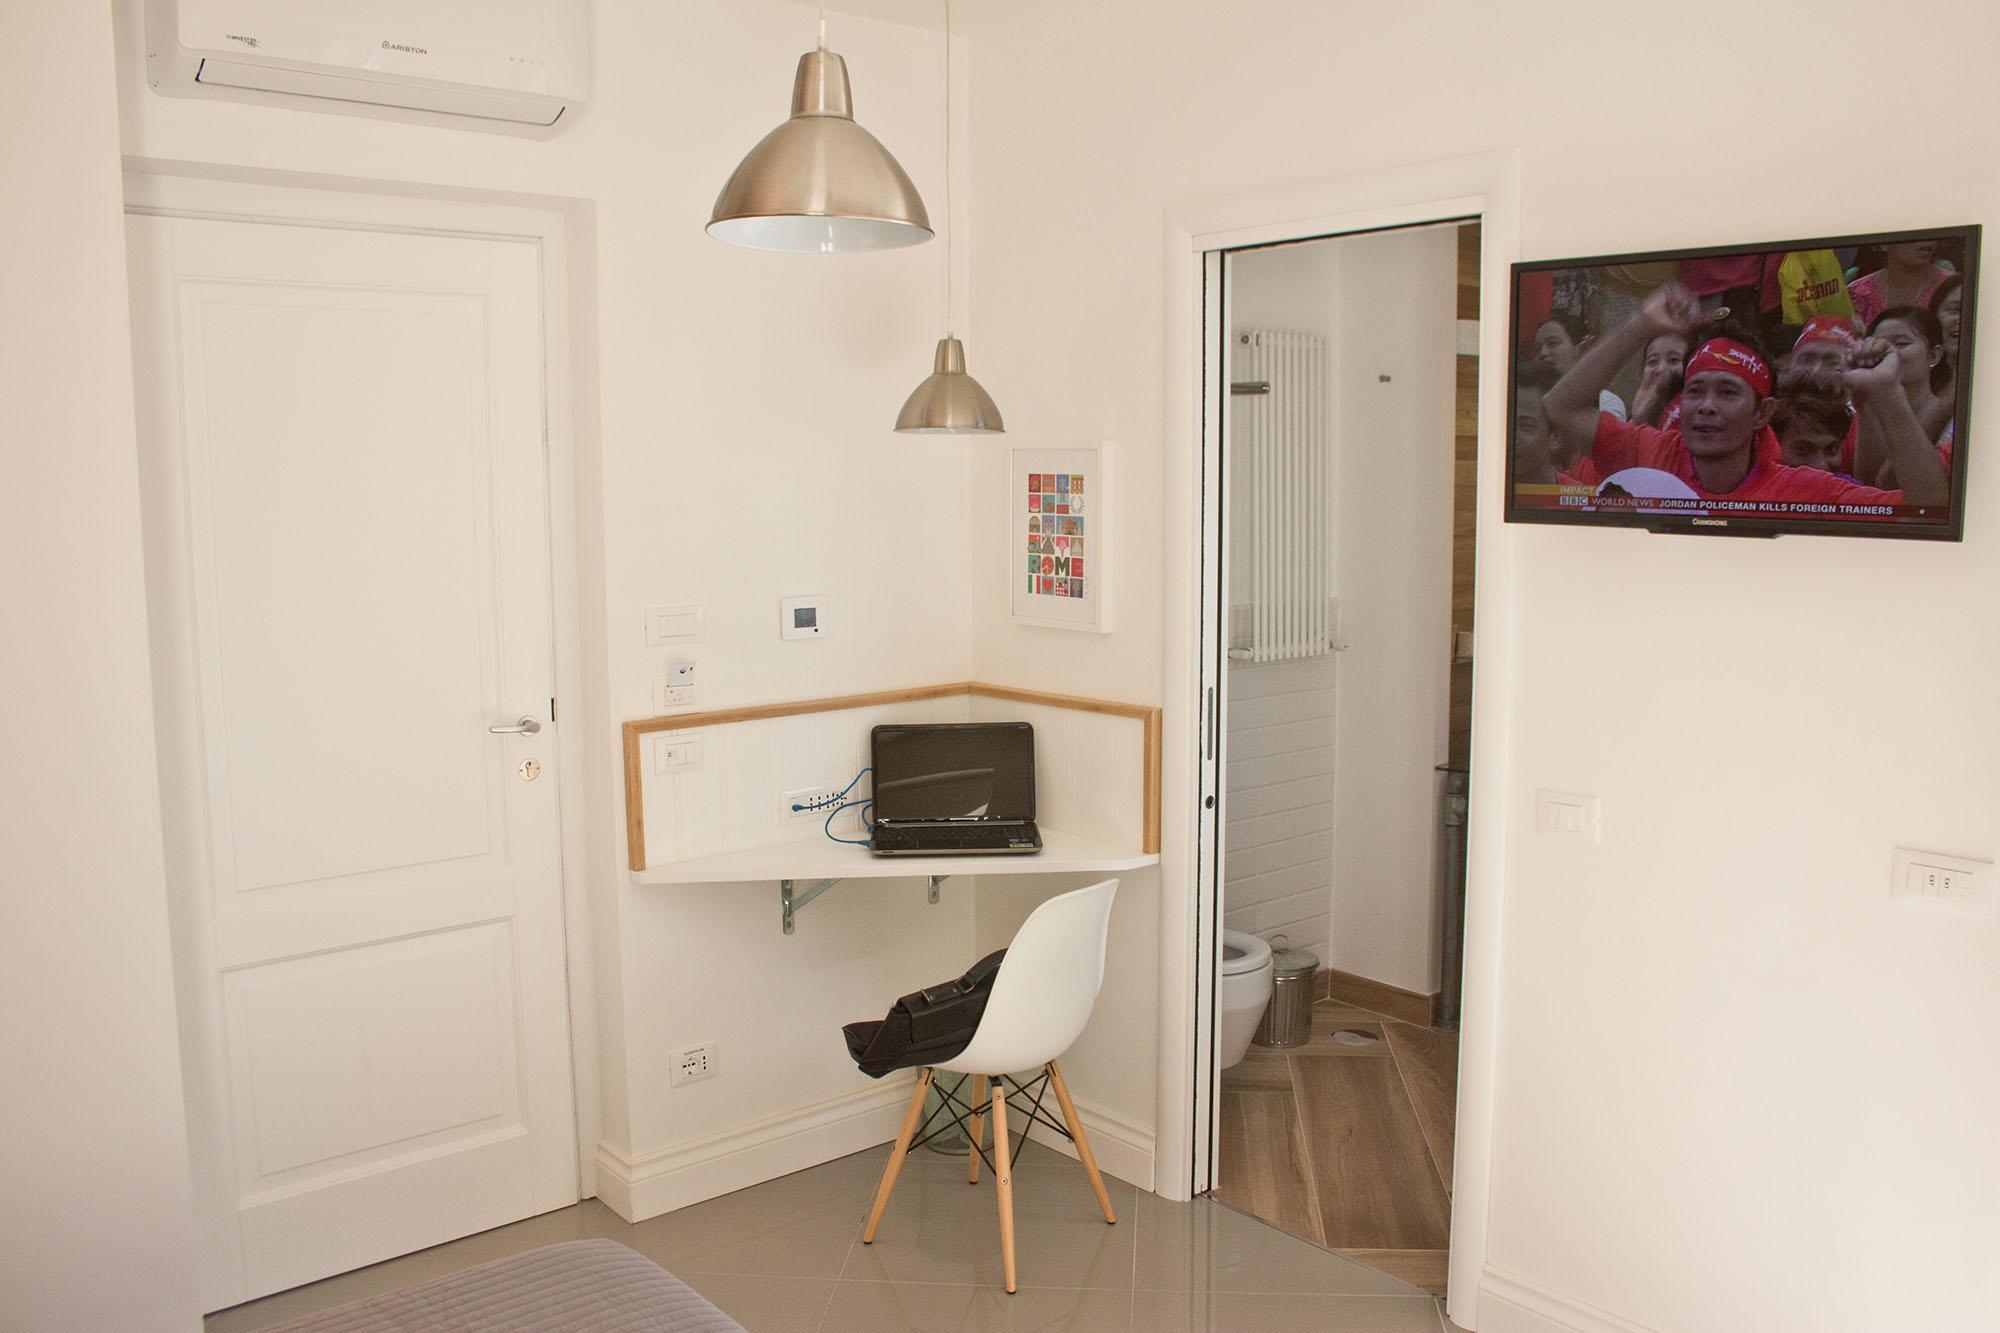 camera da letto roma falegnameria su misura (2)